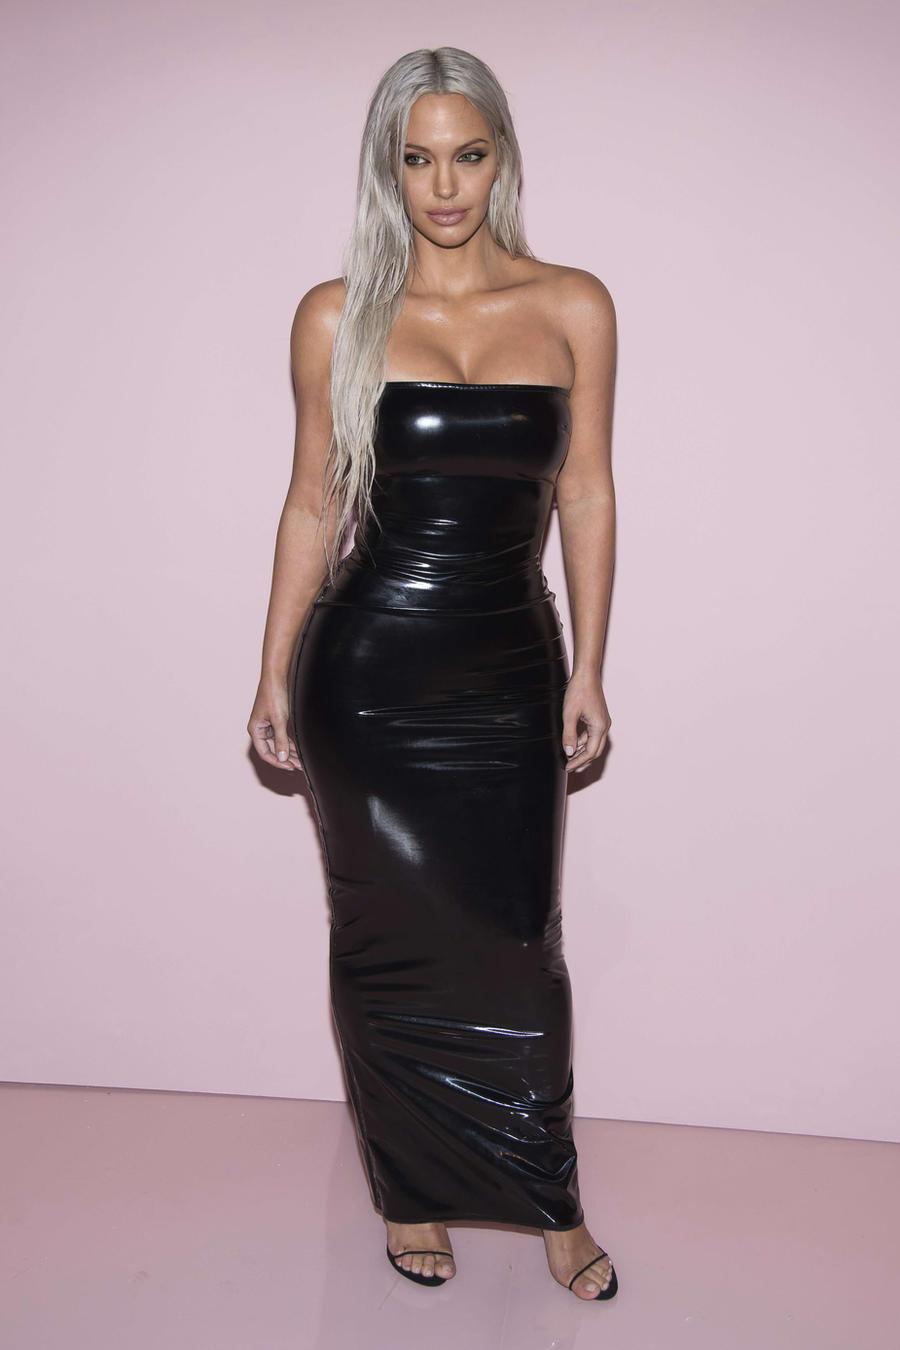 Angelina Jolie - Kim Kardashian style 12 by jmurdoch